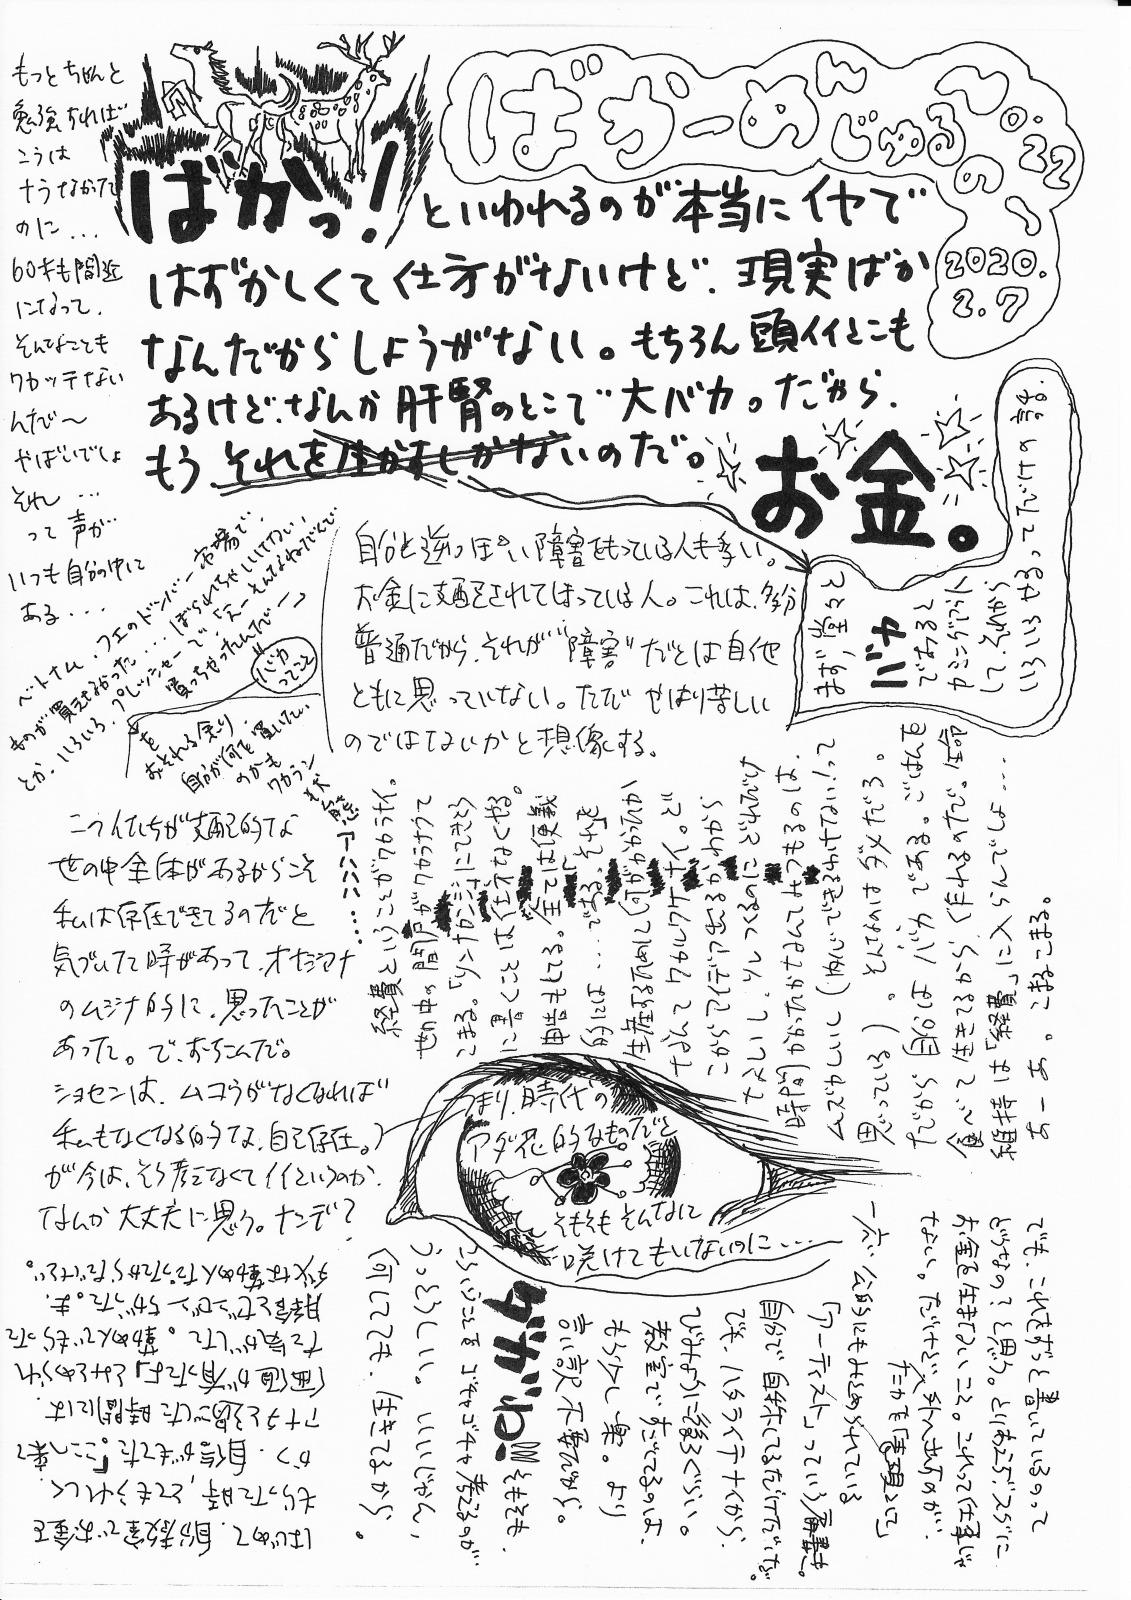 http://yoyamazaki.jp/blog/blog/%E3%81%B0%E3%81%8B%E3%83%BC%E3%82%81%E3%82%93%E3%81%98%E3%82%85%E3%82%8B%E3%81%AE22.jpg